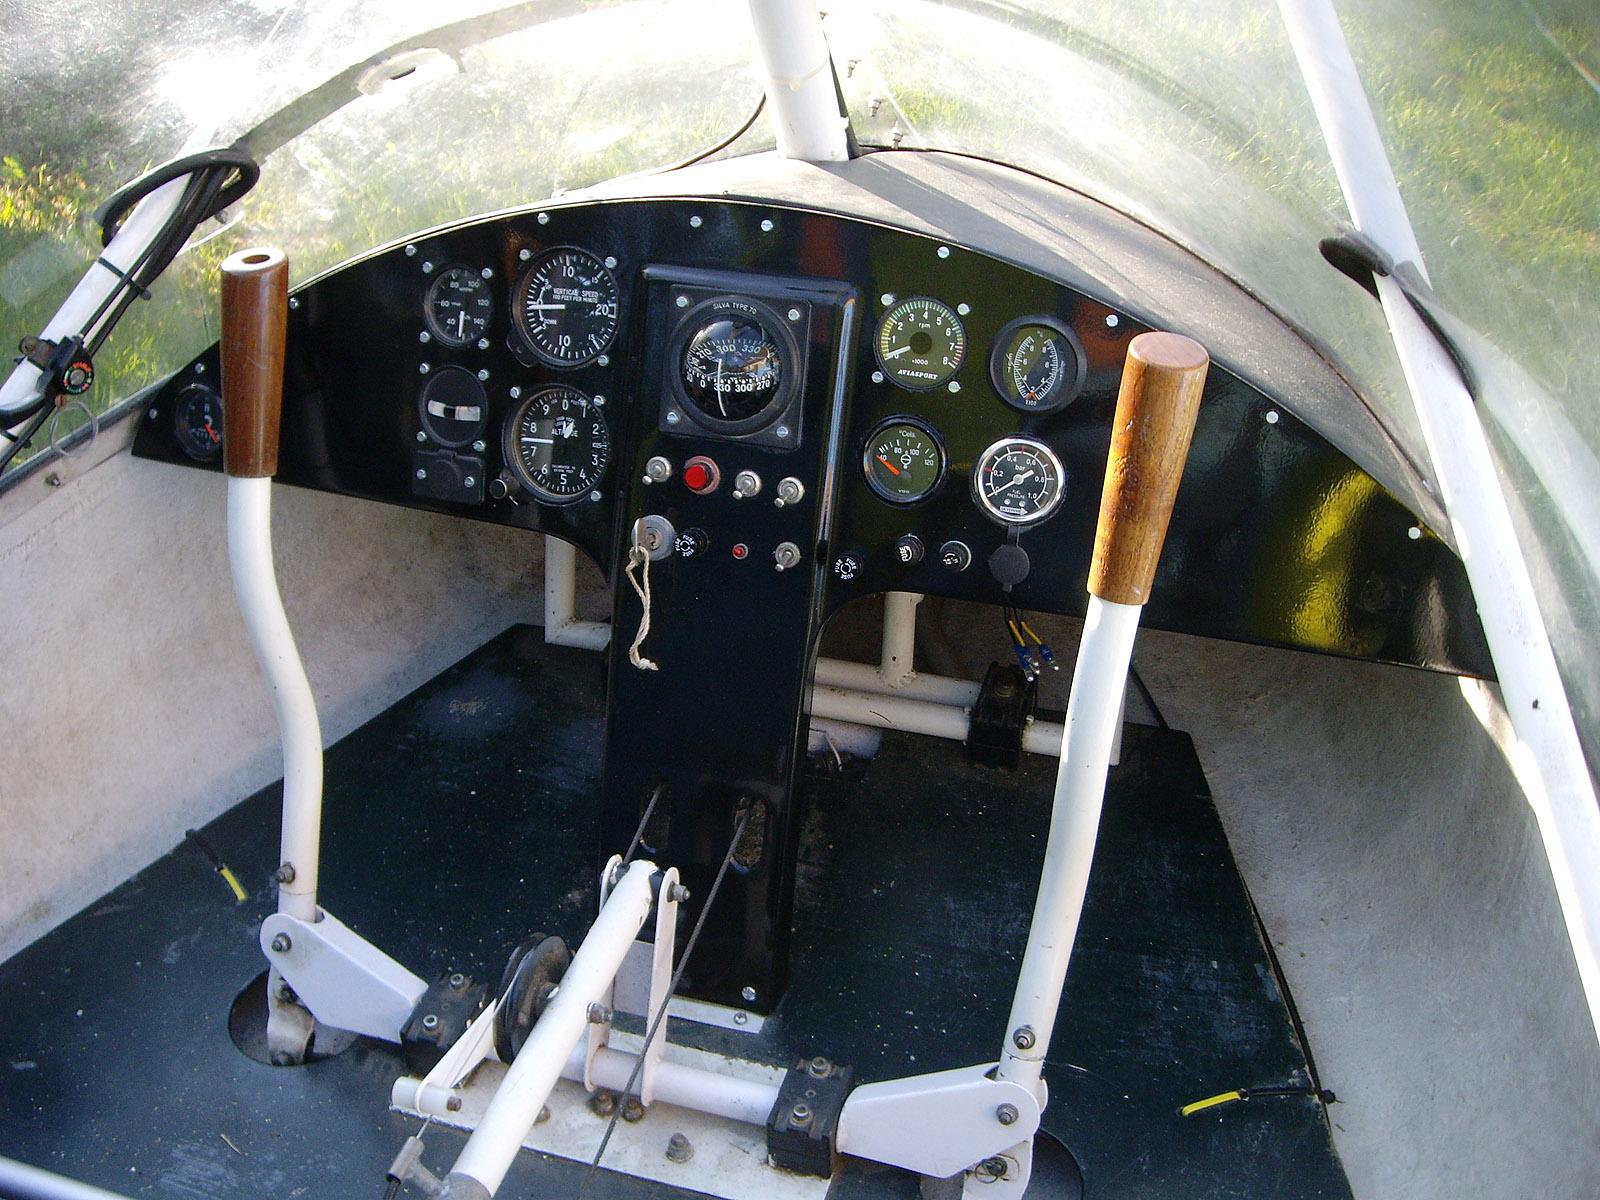 X-Air 56NE's New Panel, Dordogne 2013